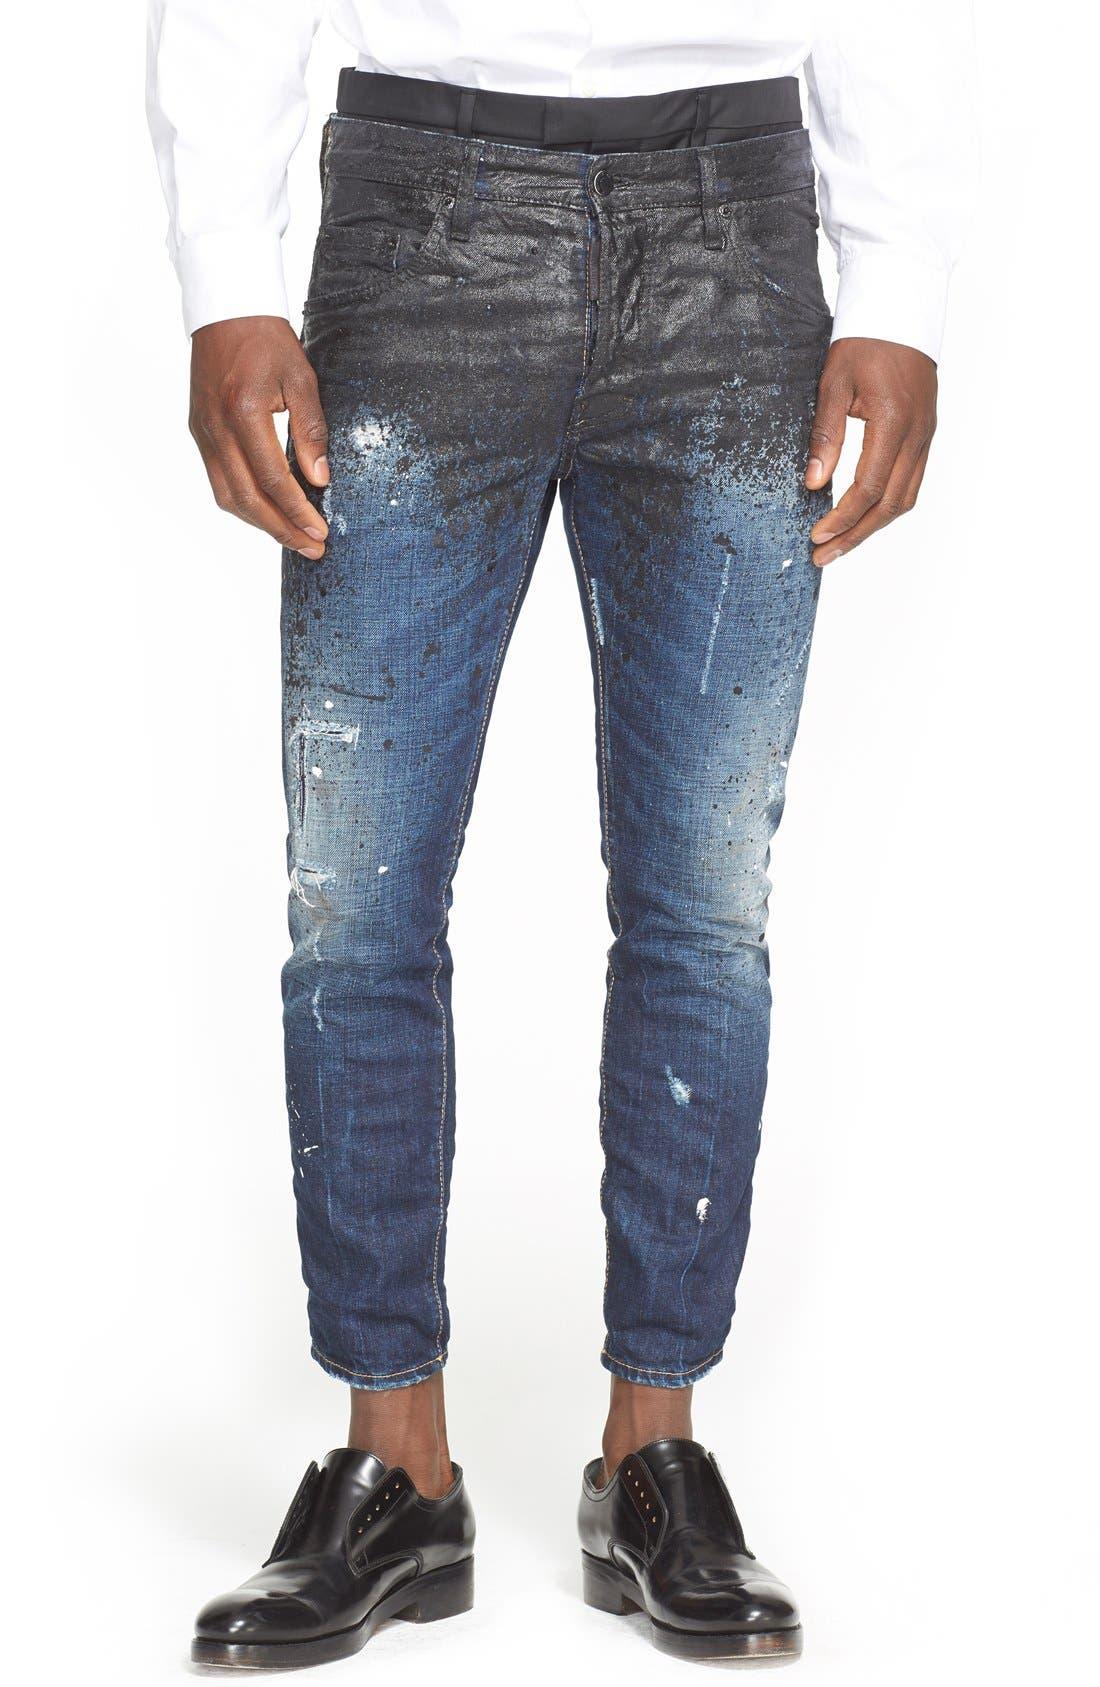 DSQUARED2, Skater Fit Double Waist Paint Splatter Jeans, Main thumbnail 1, color, 005